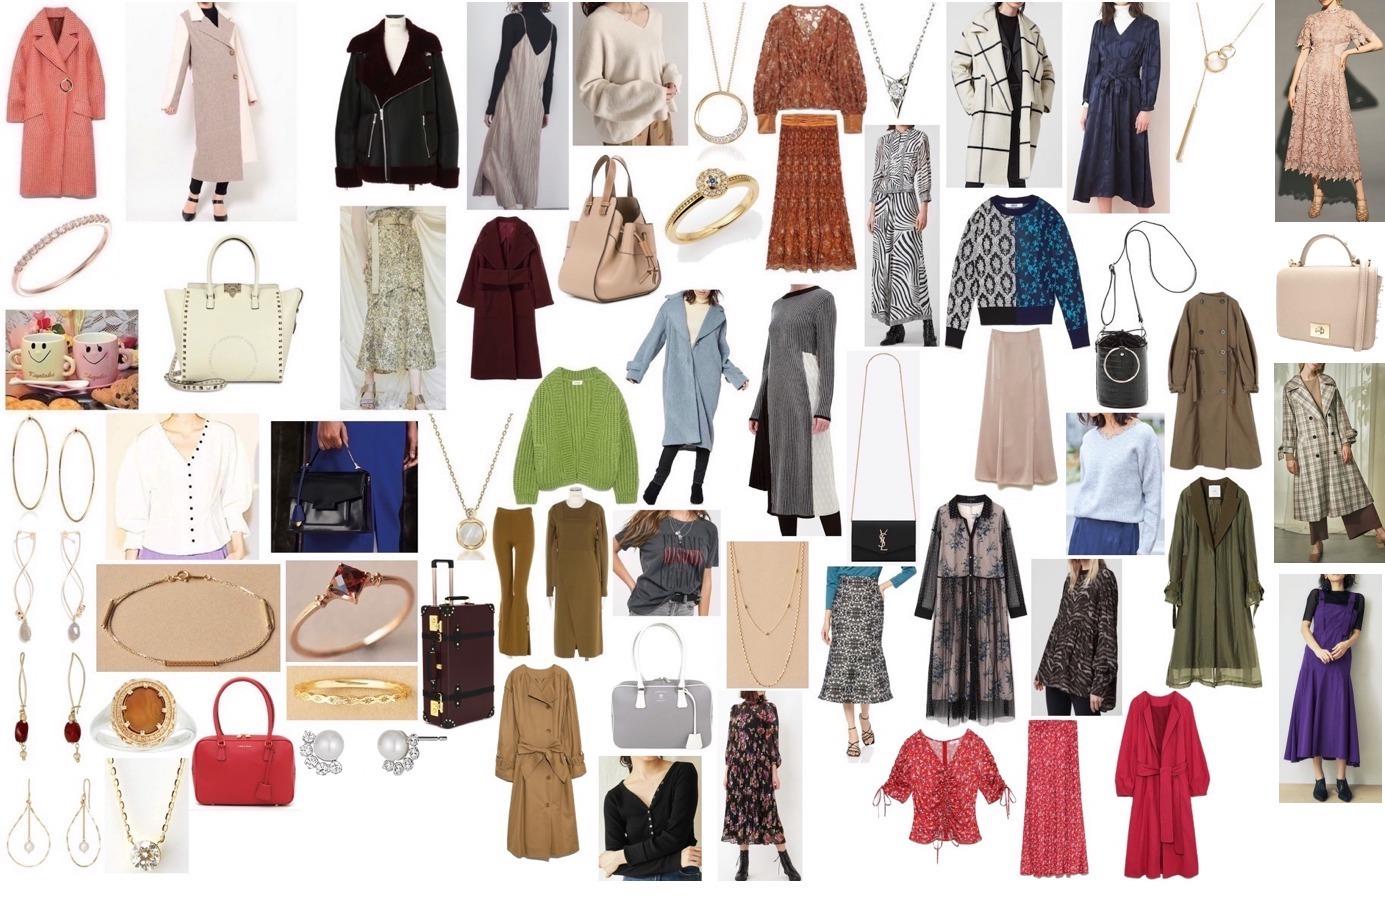 【恋はつづくよどこまでも】香里奈 着用のドラマ衣装 バッグアクセサリー等ブランドをリサーチ!(謎の美女:流子 役)